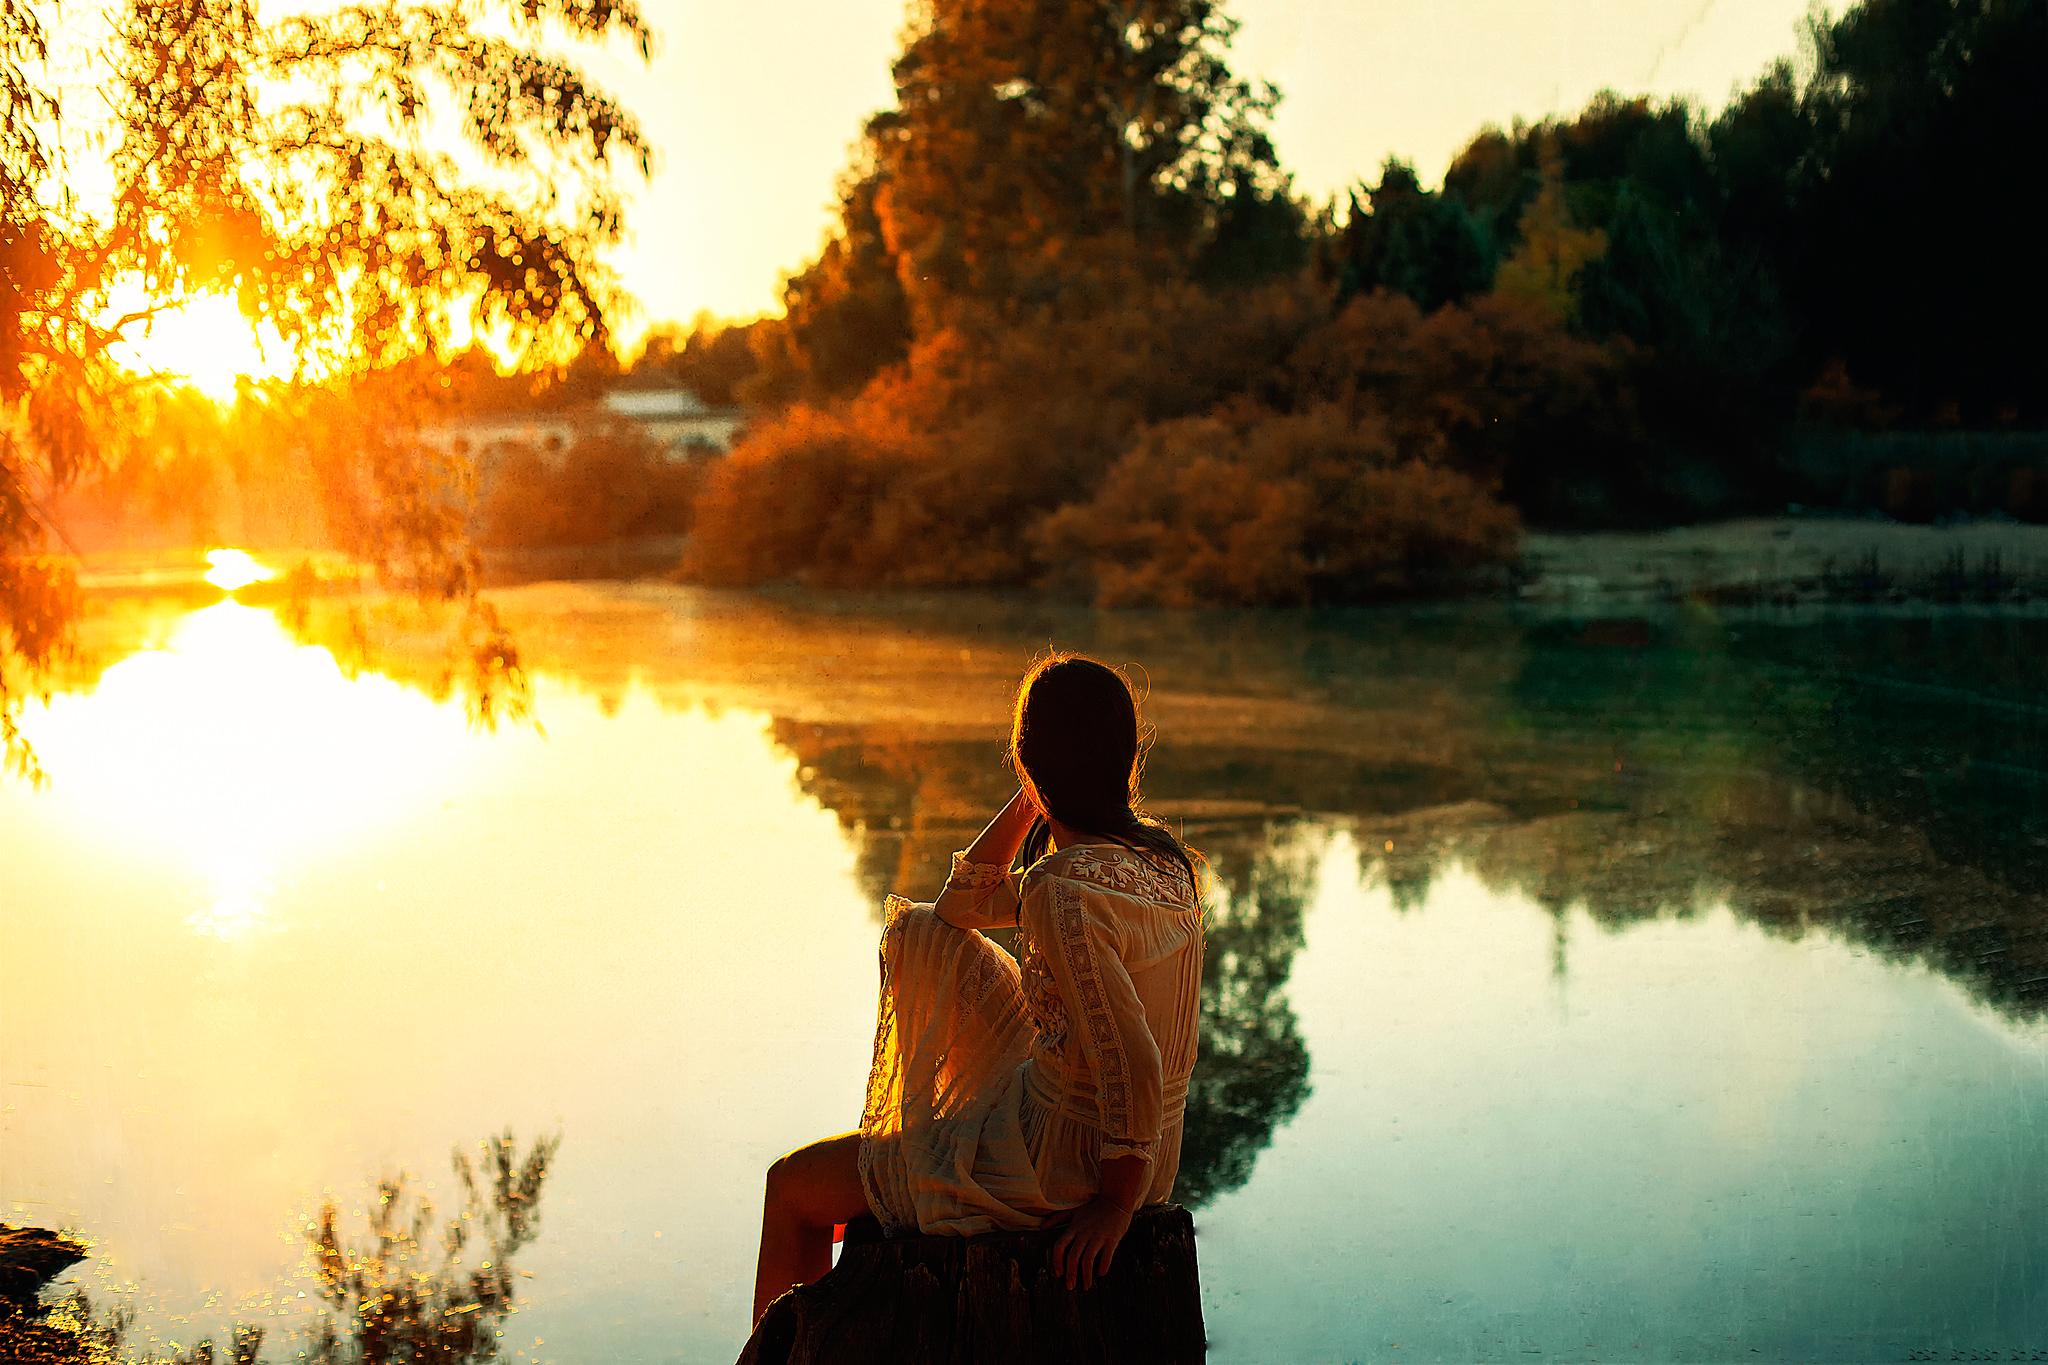 Красивые снимки голой девушки на закате солнца у реки  72718